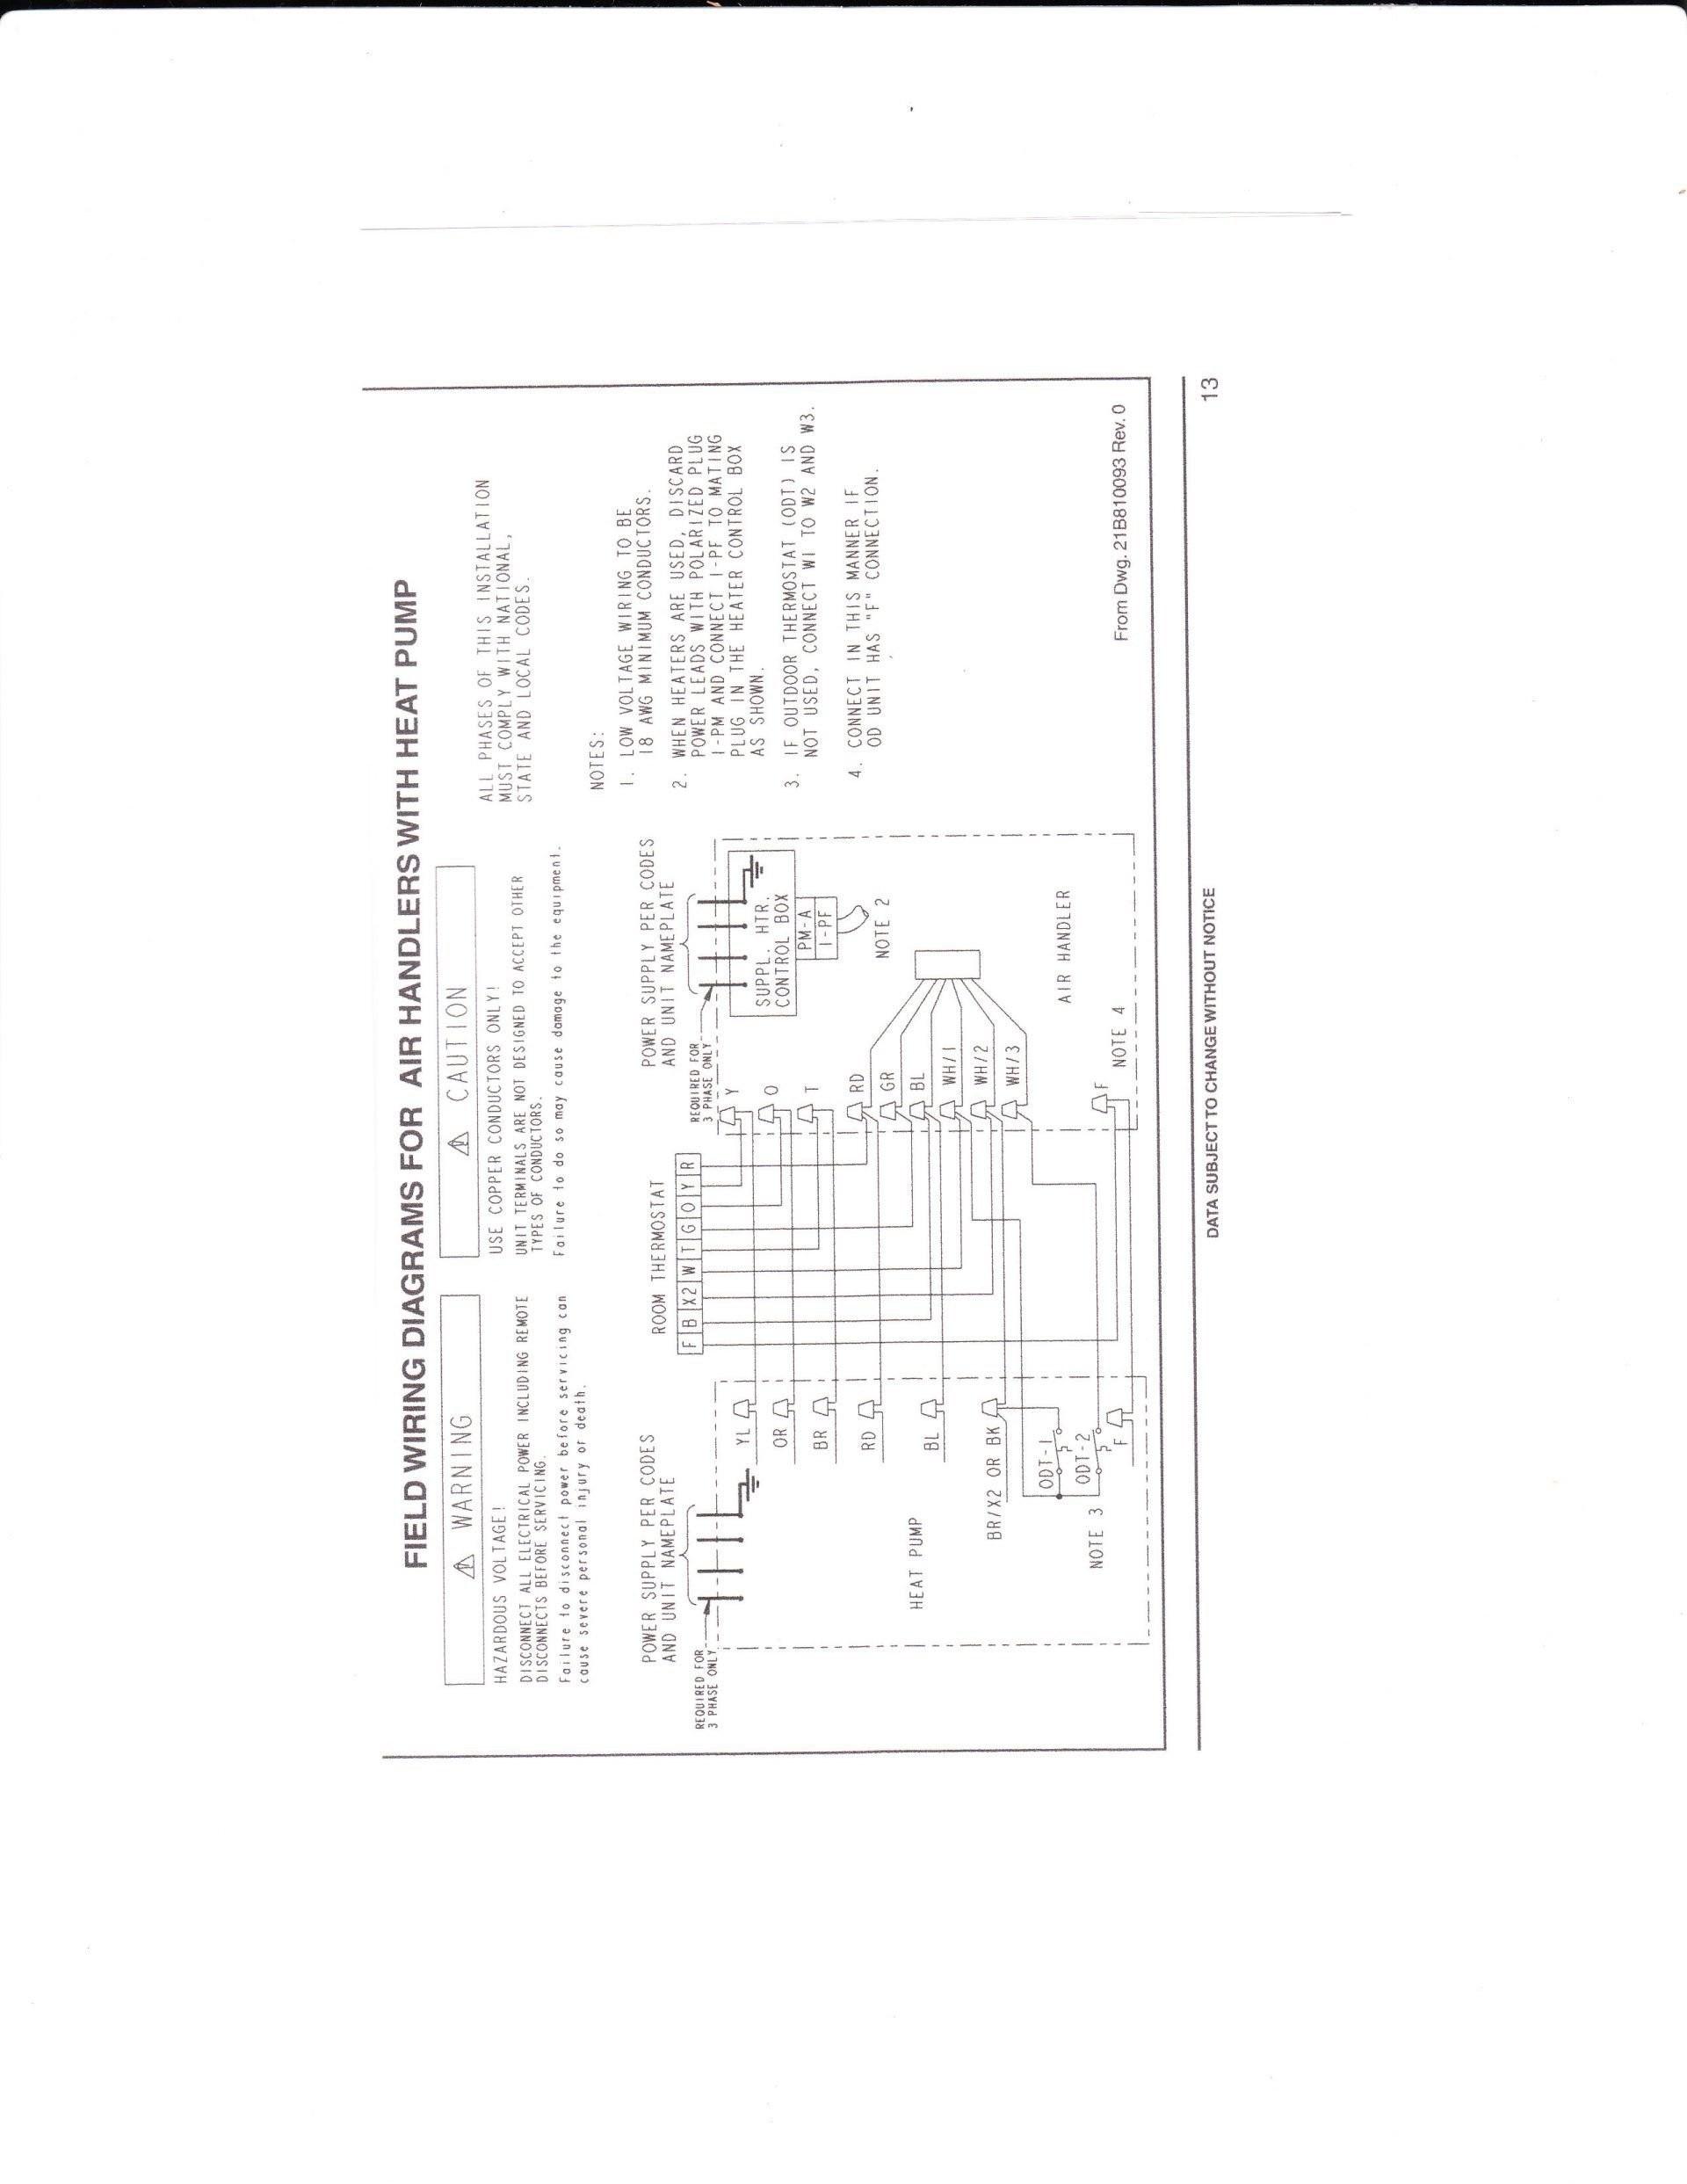 Wiring Schematic For Goodman Heat Pump